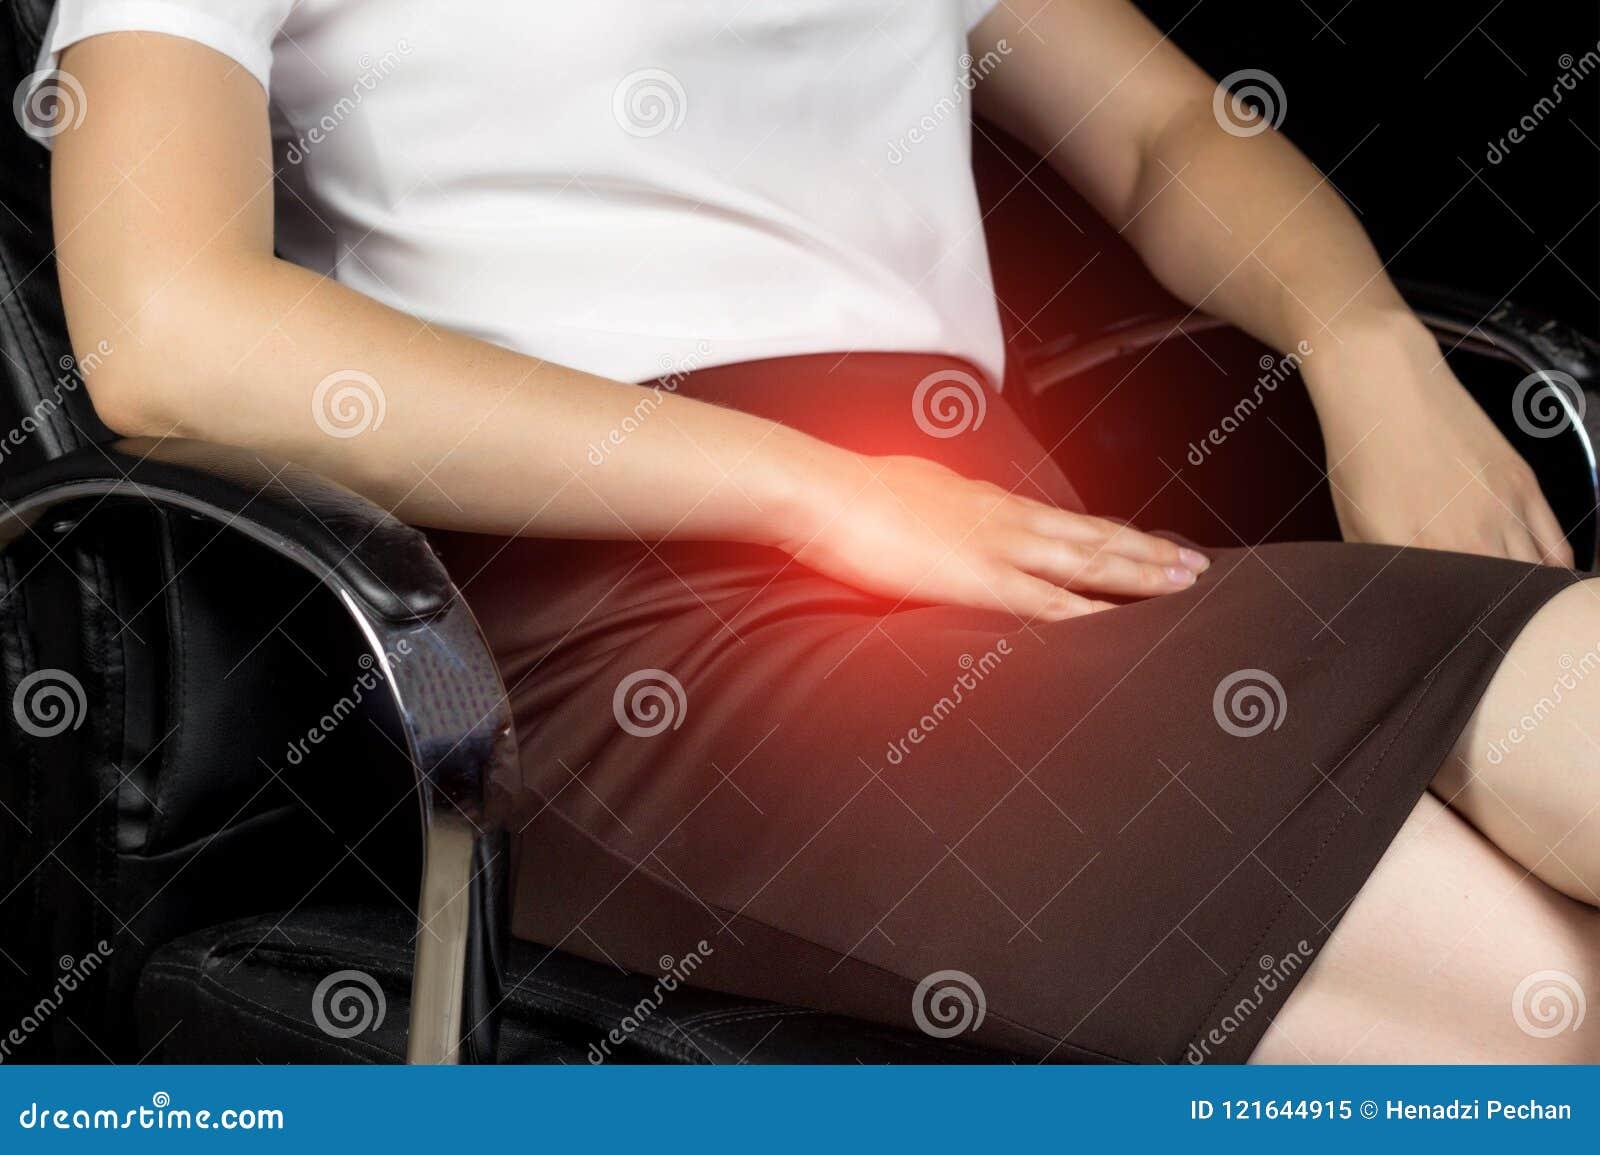 Dziewczyna w spódnicie siedzi na krześle i chwytach dalej pachwina teren, ból w niskim podbrzuszu, plciowa infekcja